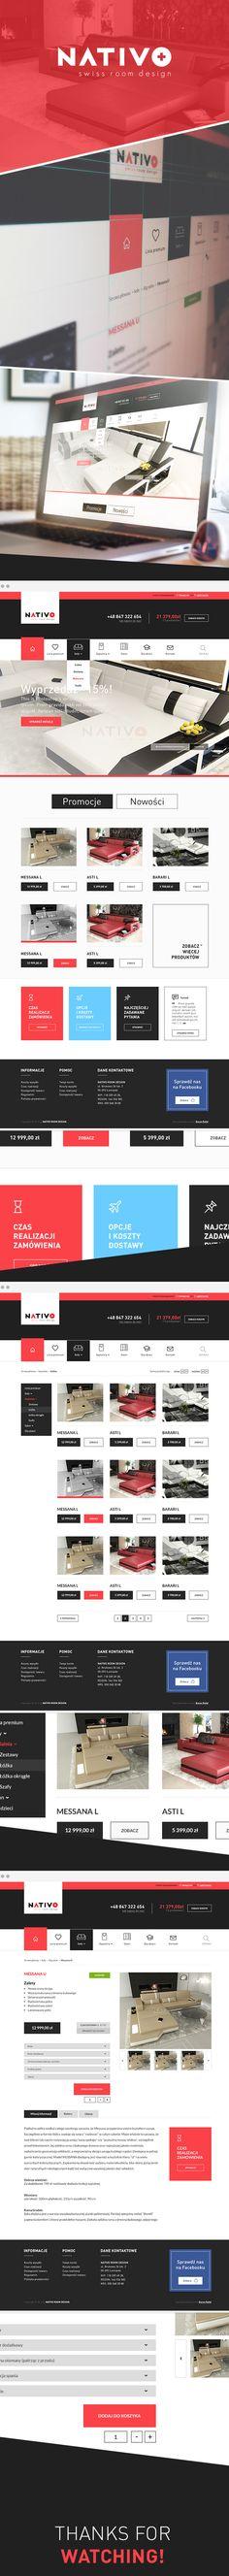 Cool Web Design, Nativo. #webdesign #webdevelopment [http://www.pinterest.com/alfredchong/]